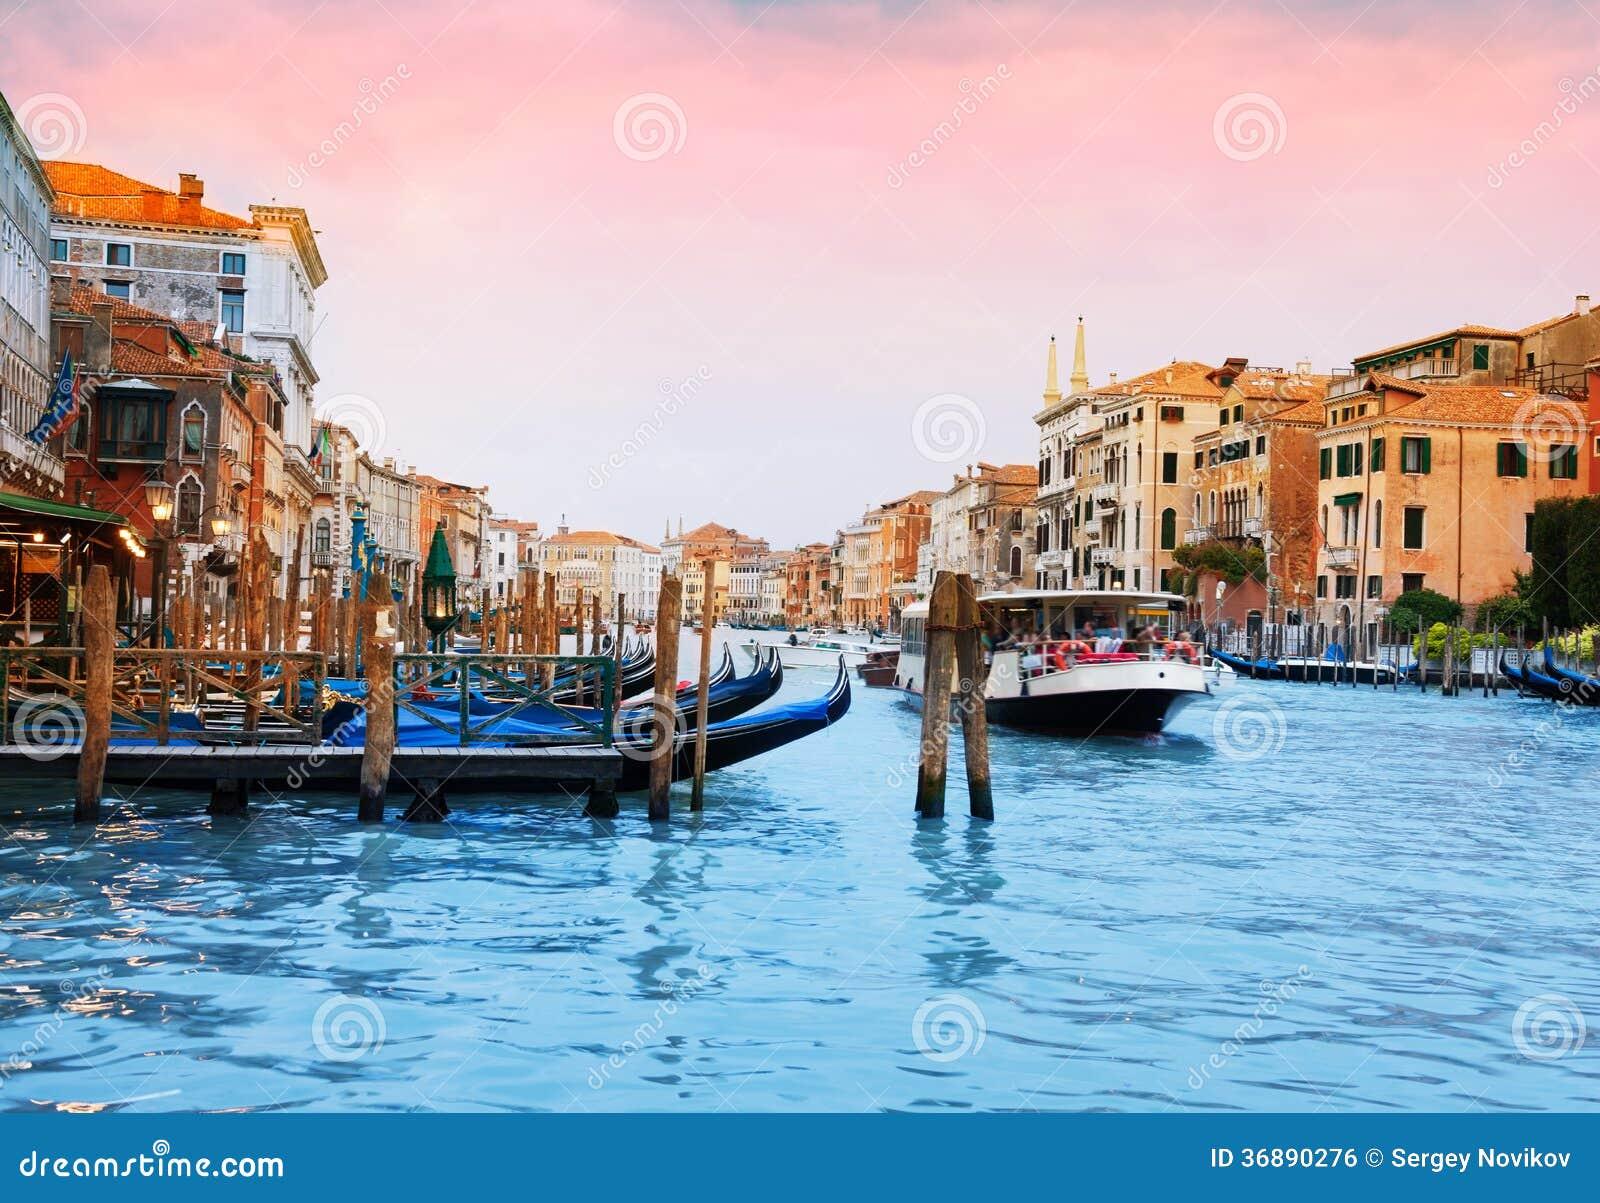 Download Barche e gondole a Venezia fotografia stock. Immagine di giorno - 36890276